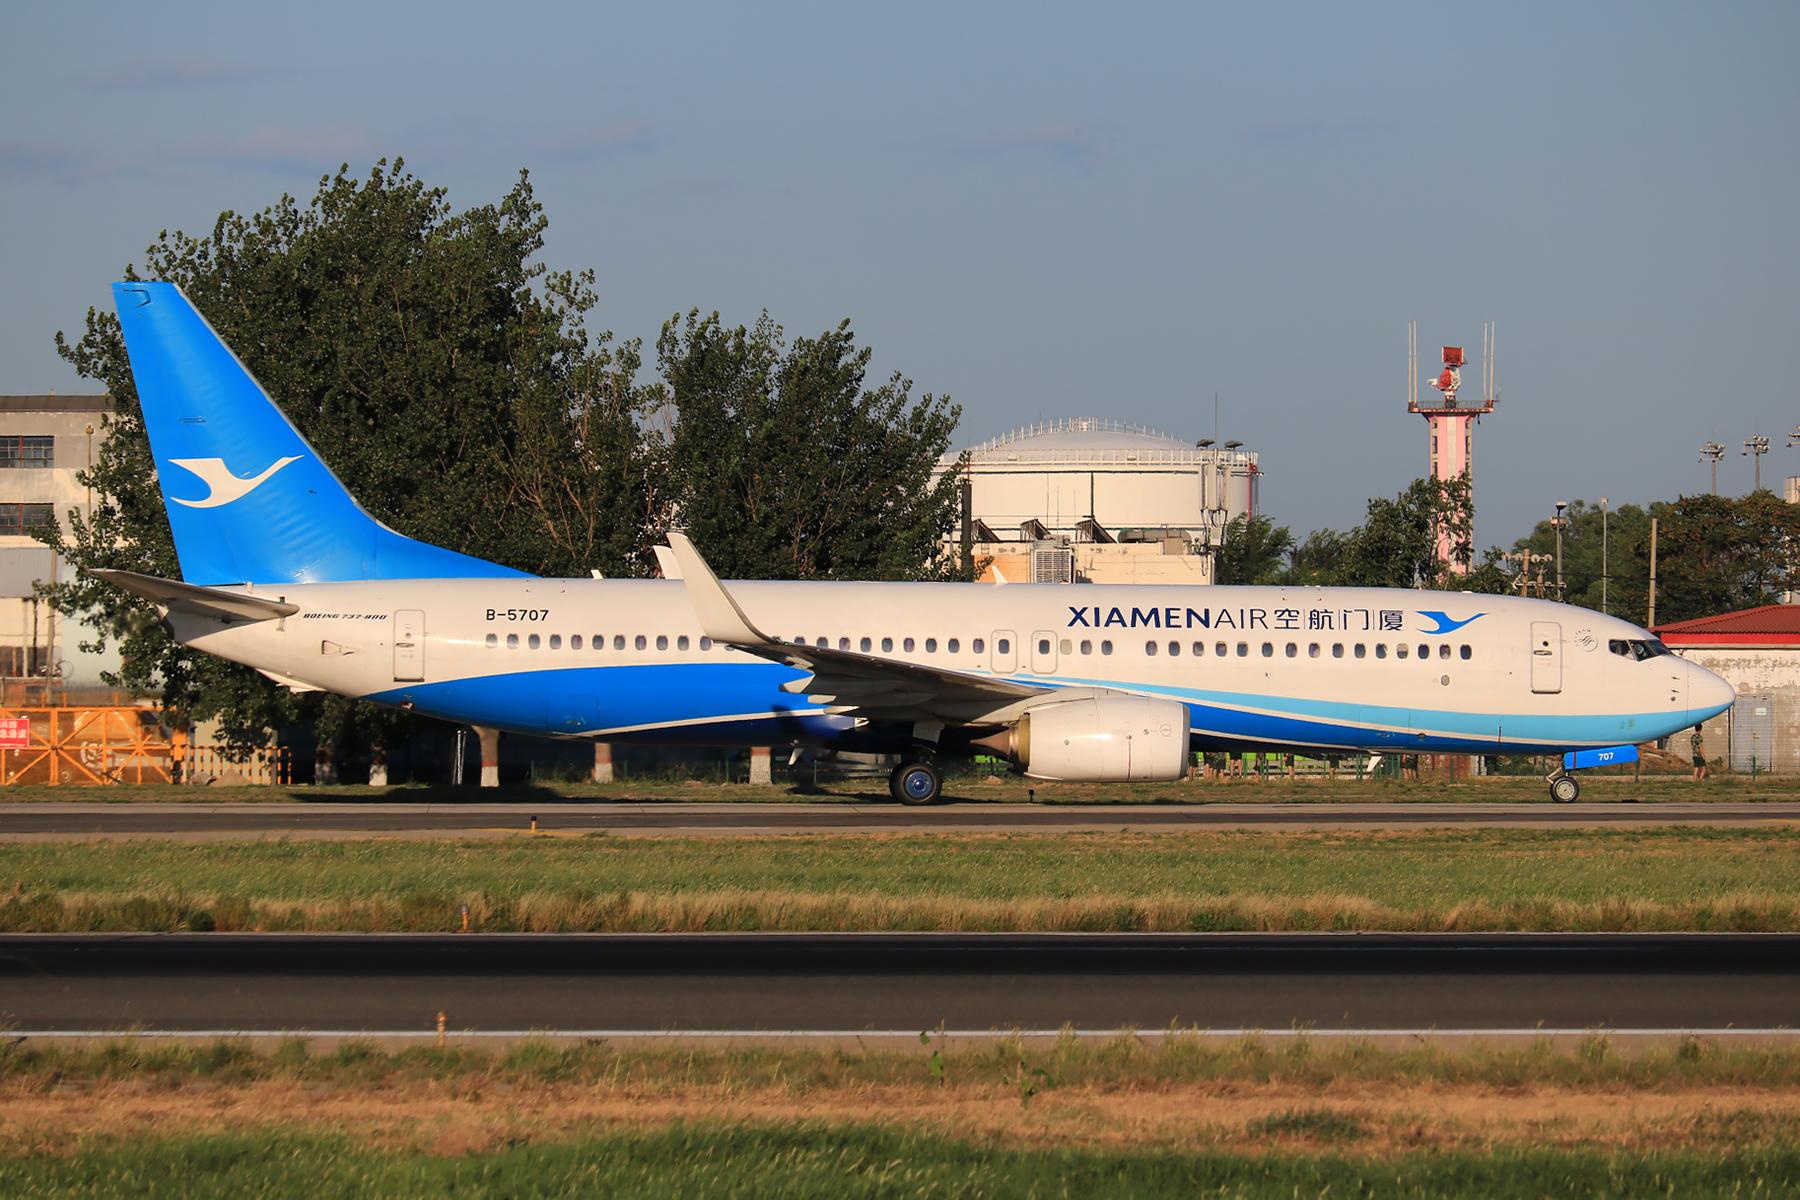 Re:[原创]【pek】这光线真令人舒服 BOEING 737-800 B-5707 中国北京首都国际机场